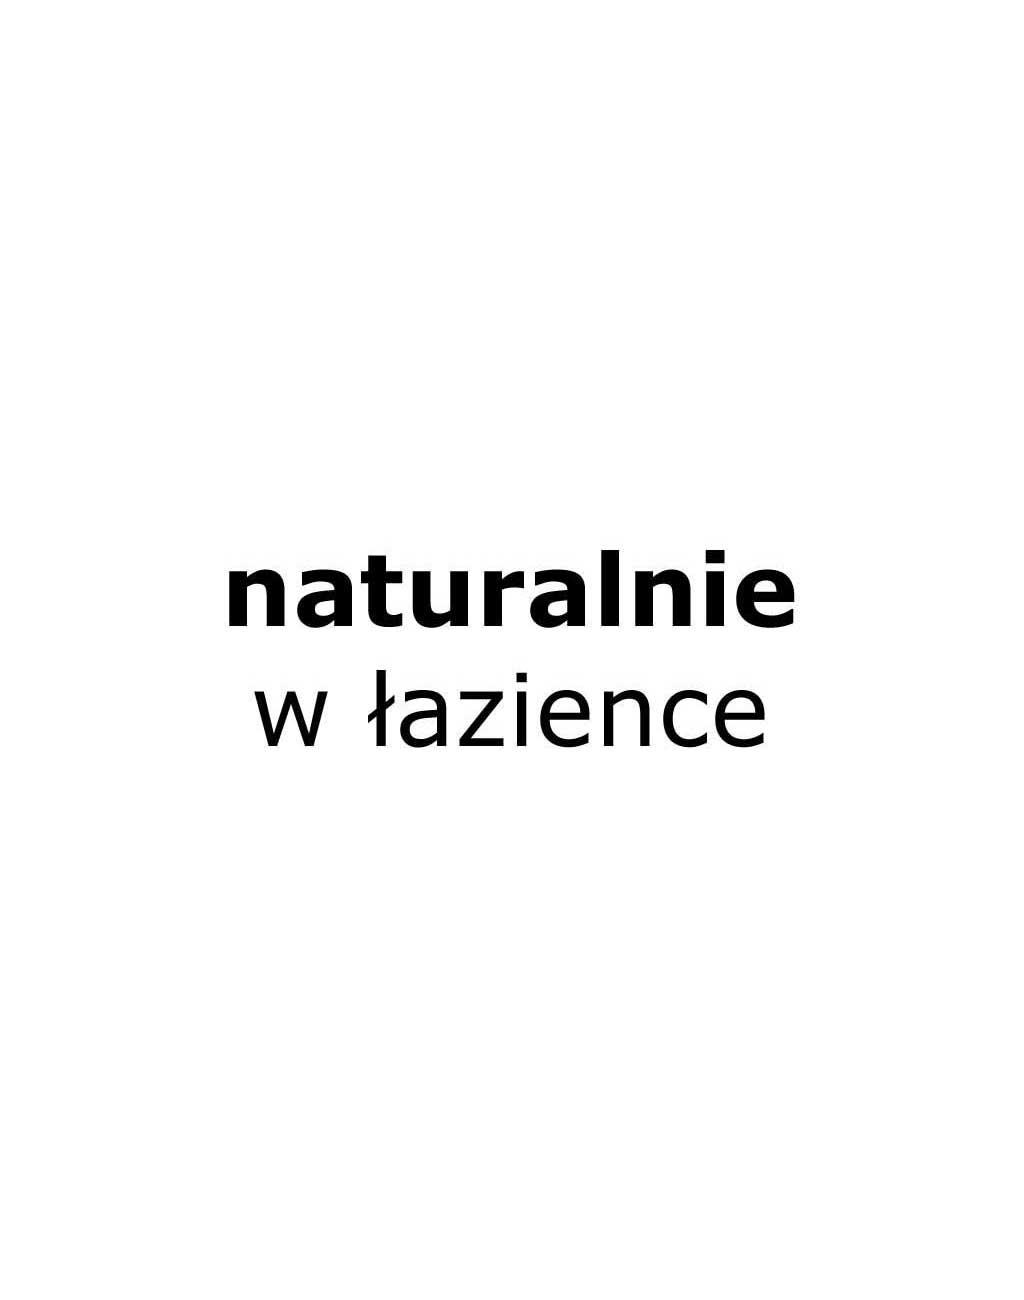 umywalka z kamienia naturalnego, ad naturalnie, wanny akrylowe, umywalki kamienne, akcesoria łazienkowe